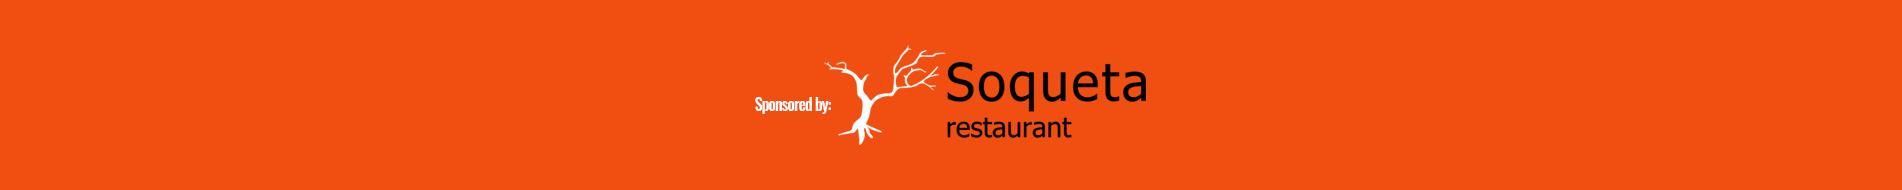 Soqueta Restaurant